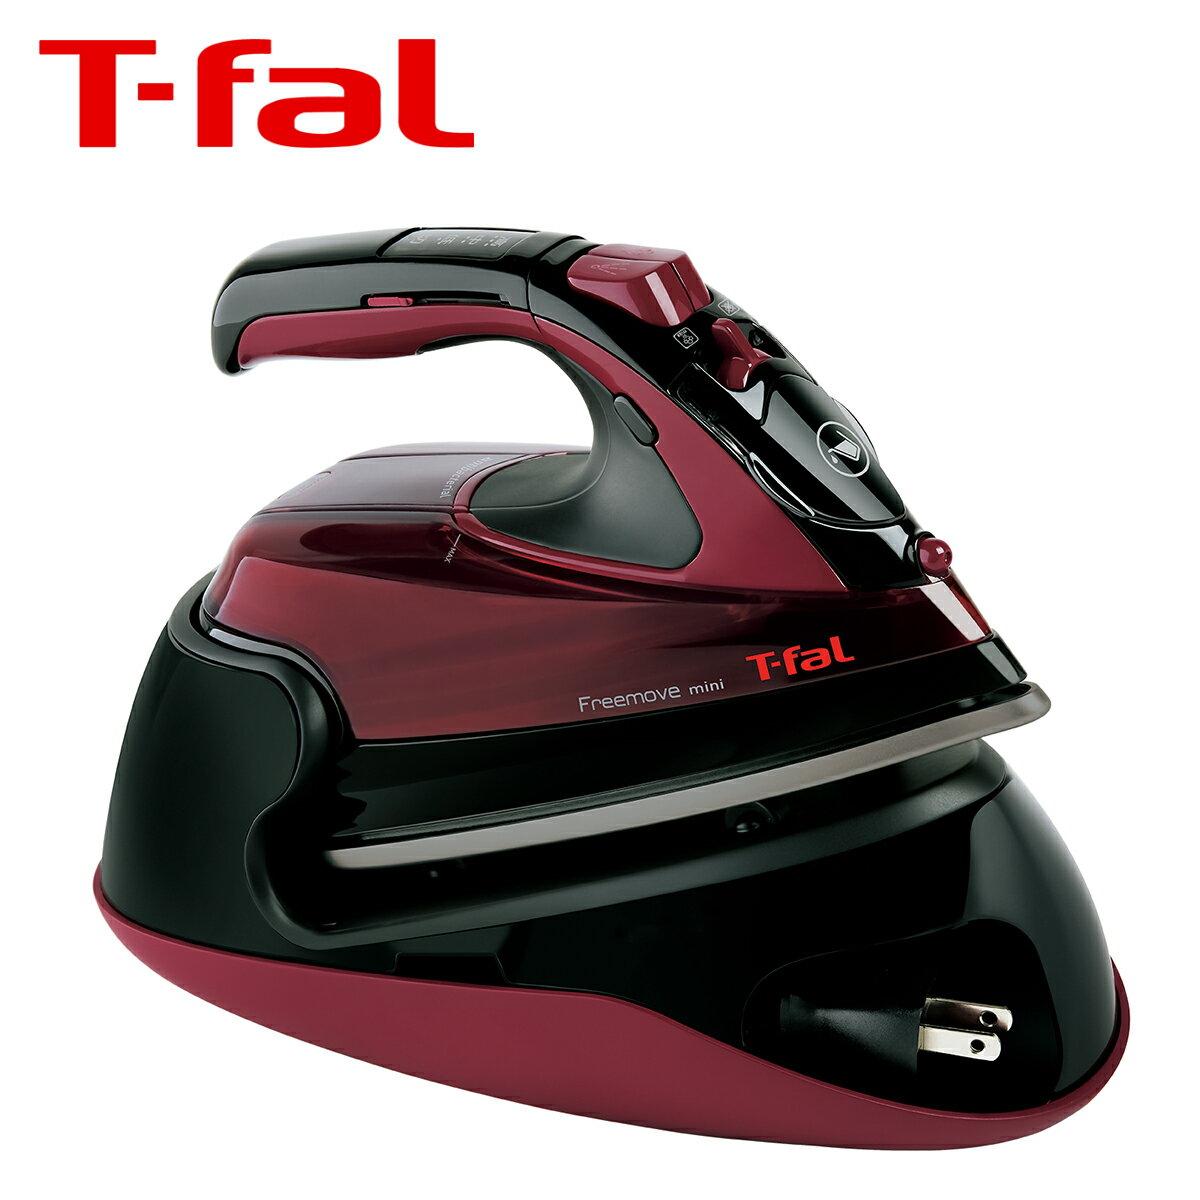 ティファールT-falコードレススチームアイロンフリームーブミニ5020FV5020J0ギフト・のし可